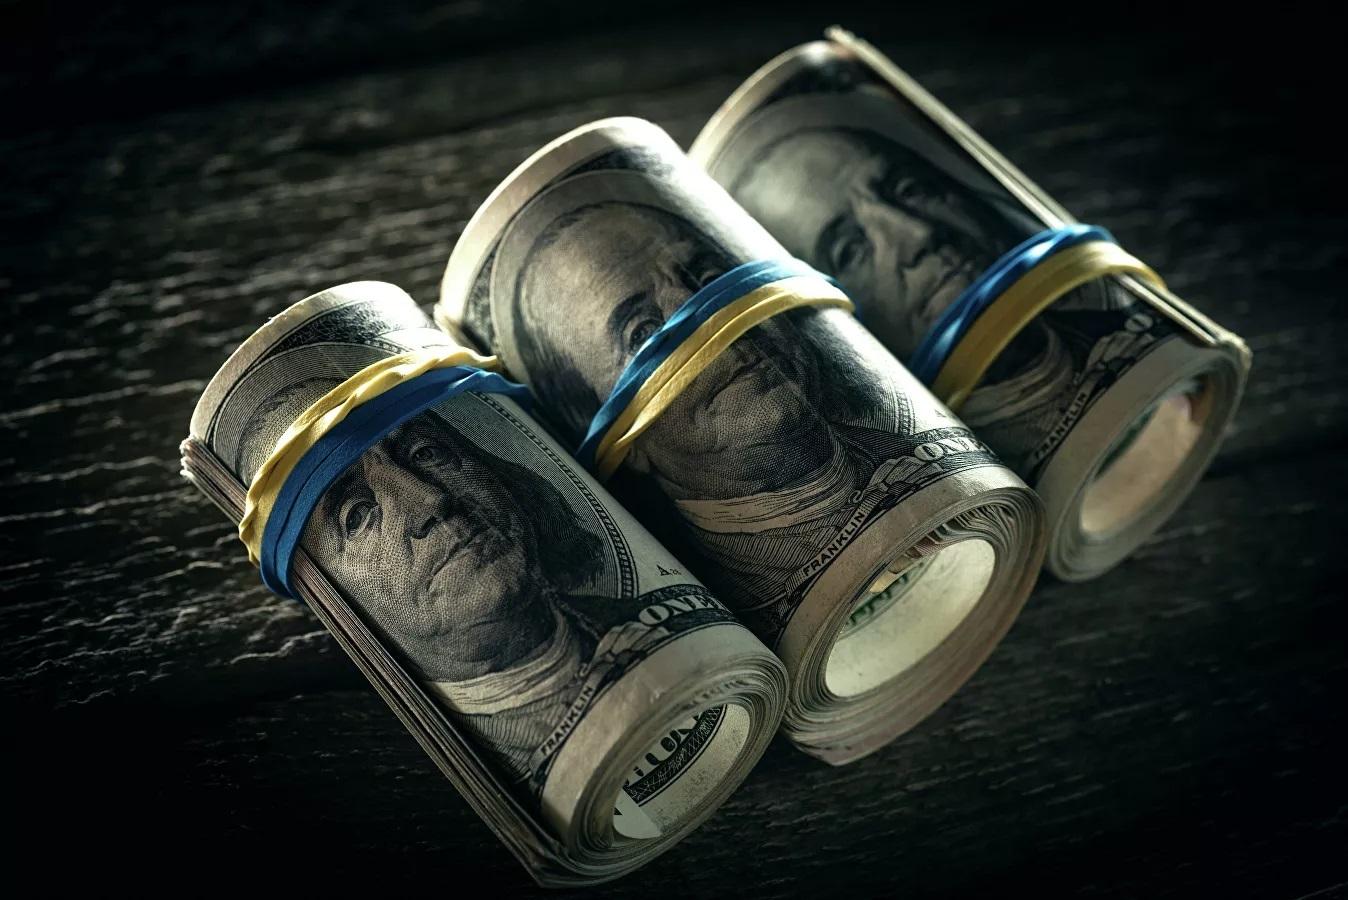 Lý do các tỷ phú trở nên giàu có hơn trong đại dịch